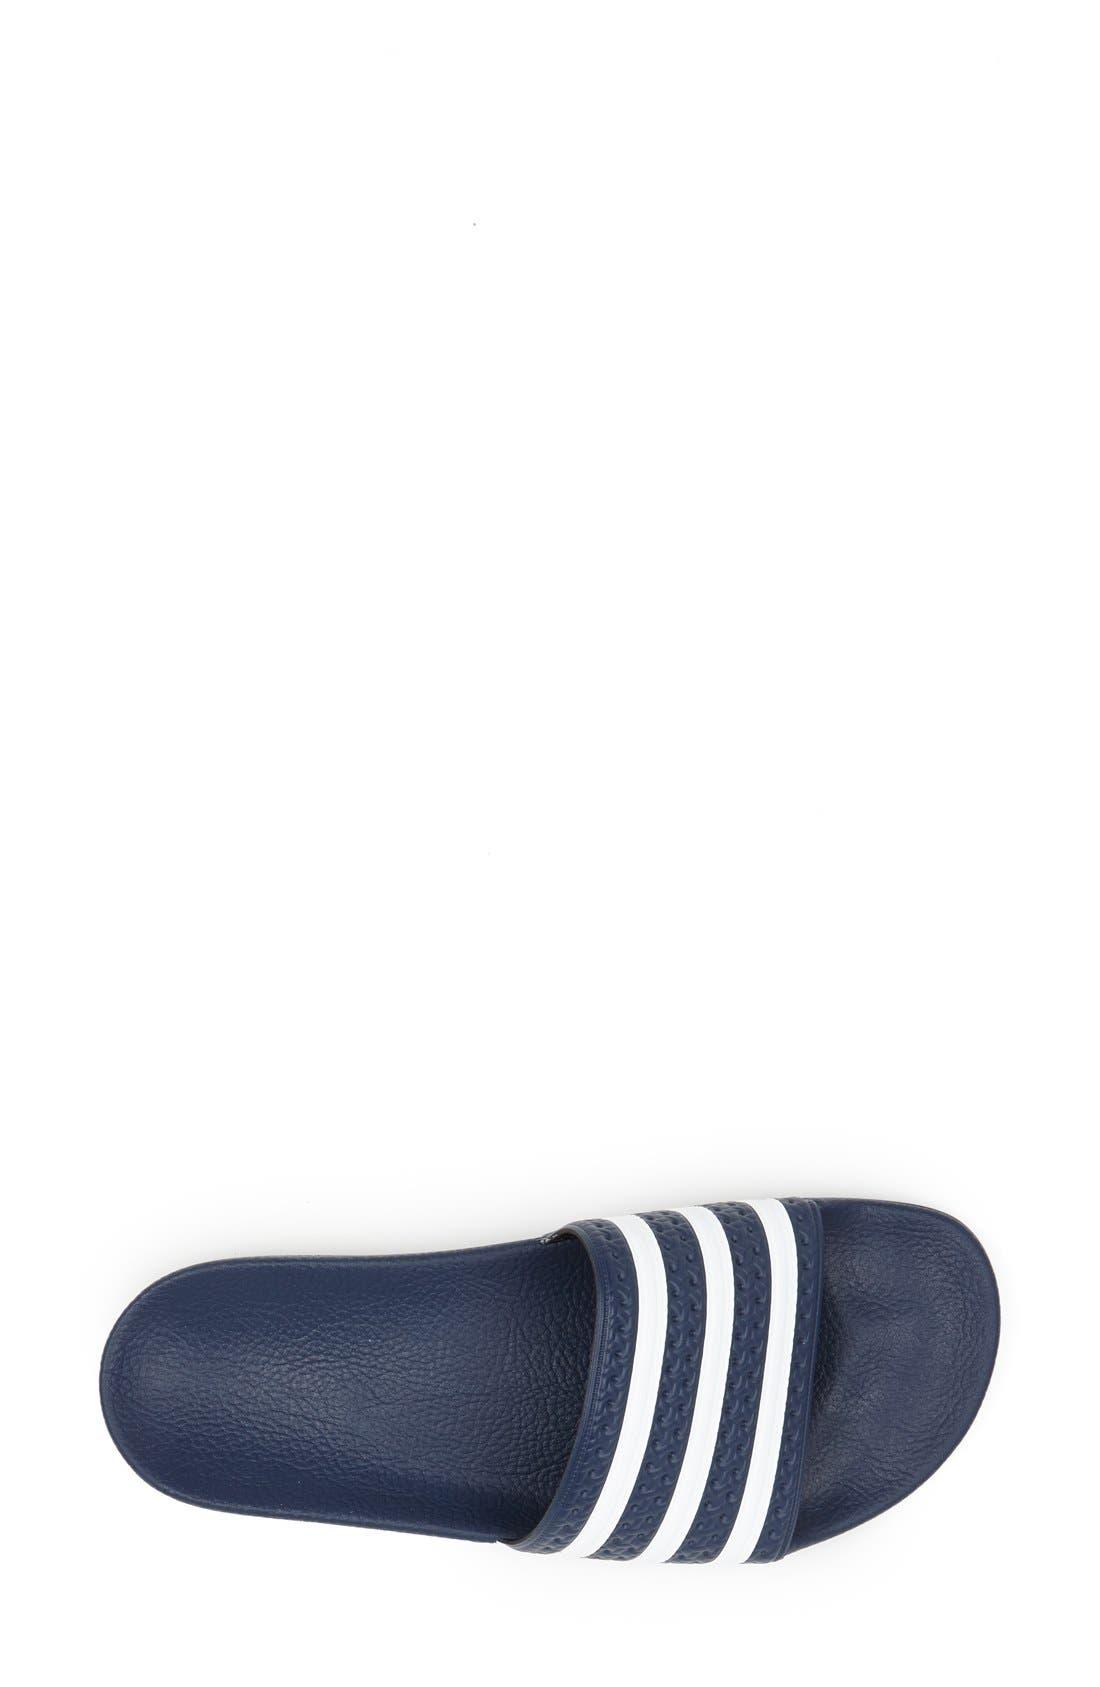 'Adilette' Slide Sandal,                             Alternate thumbnail 3, color,                             New Navy/ White